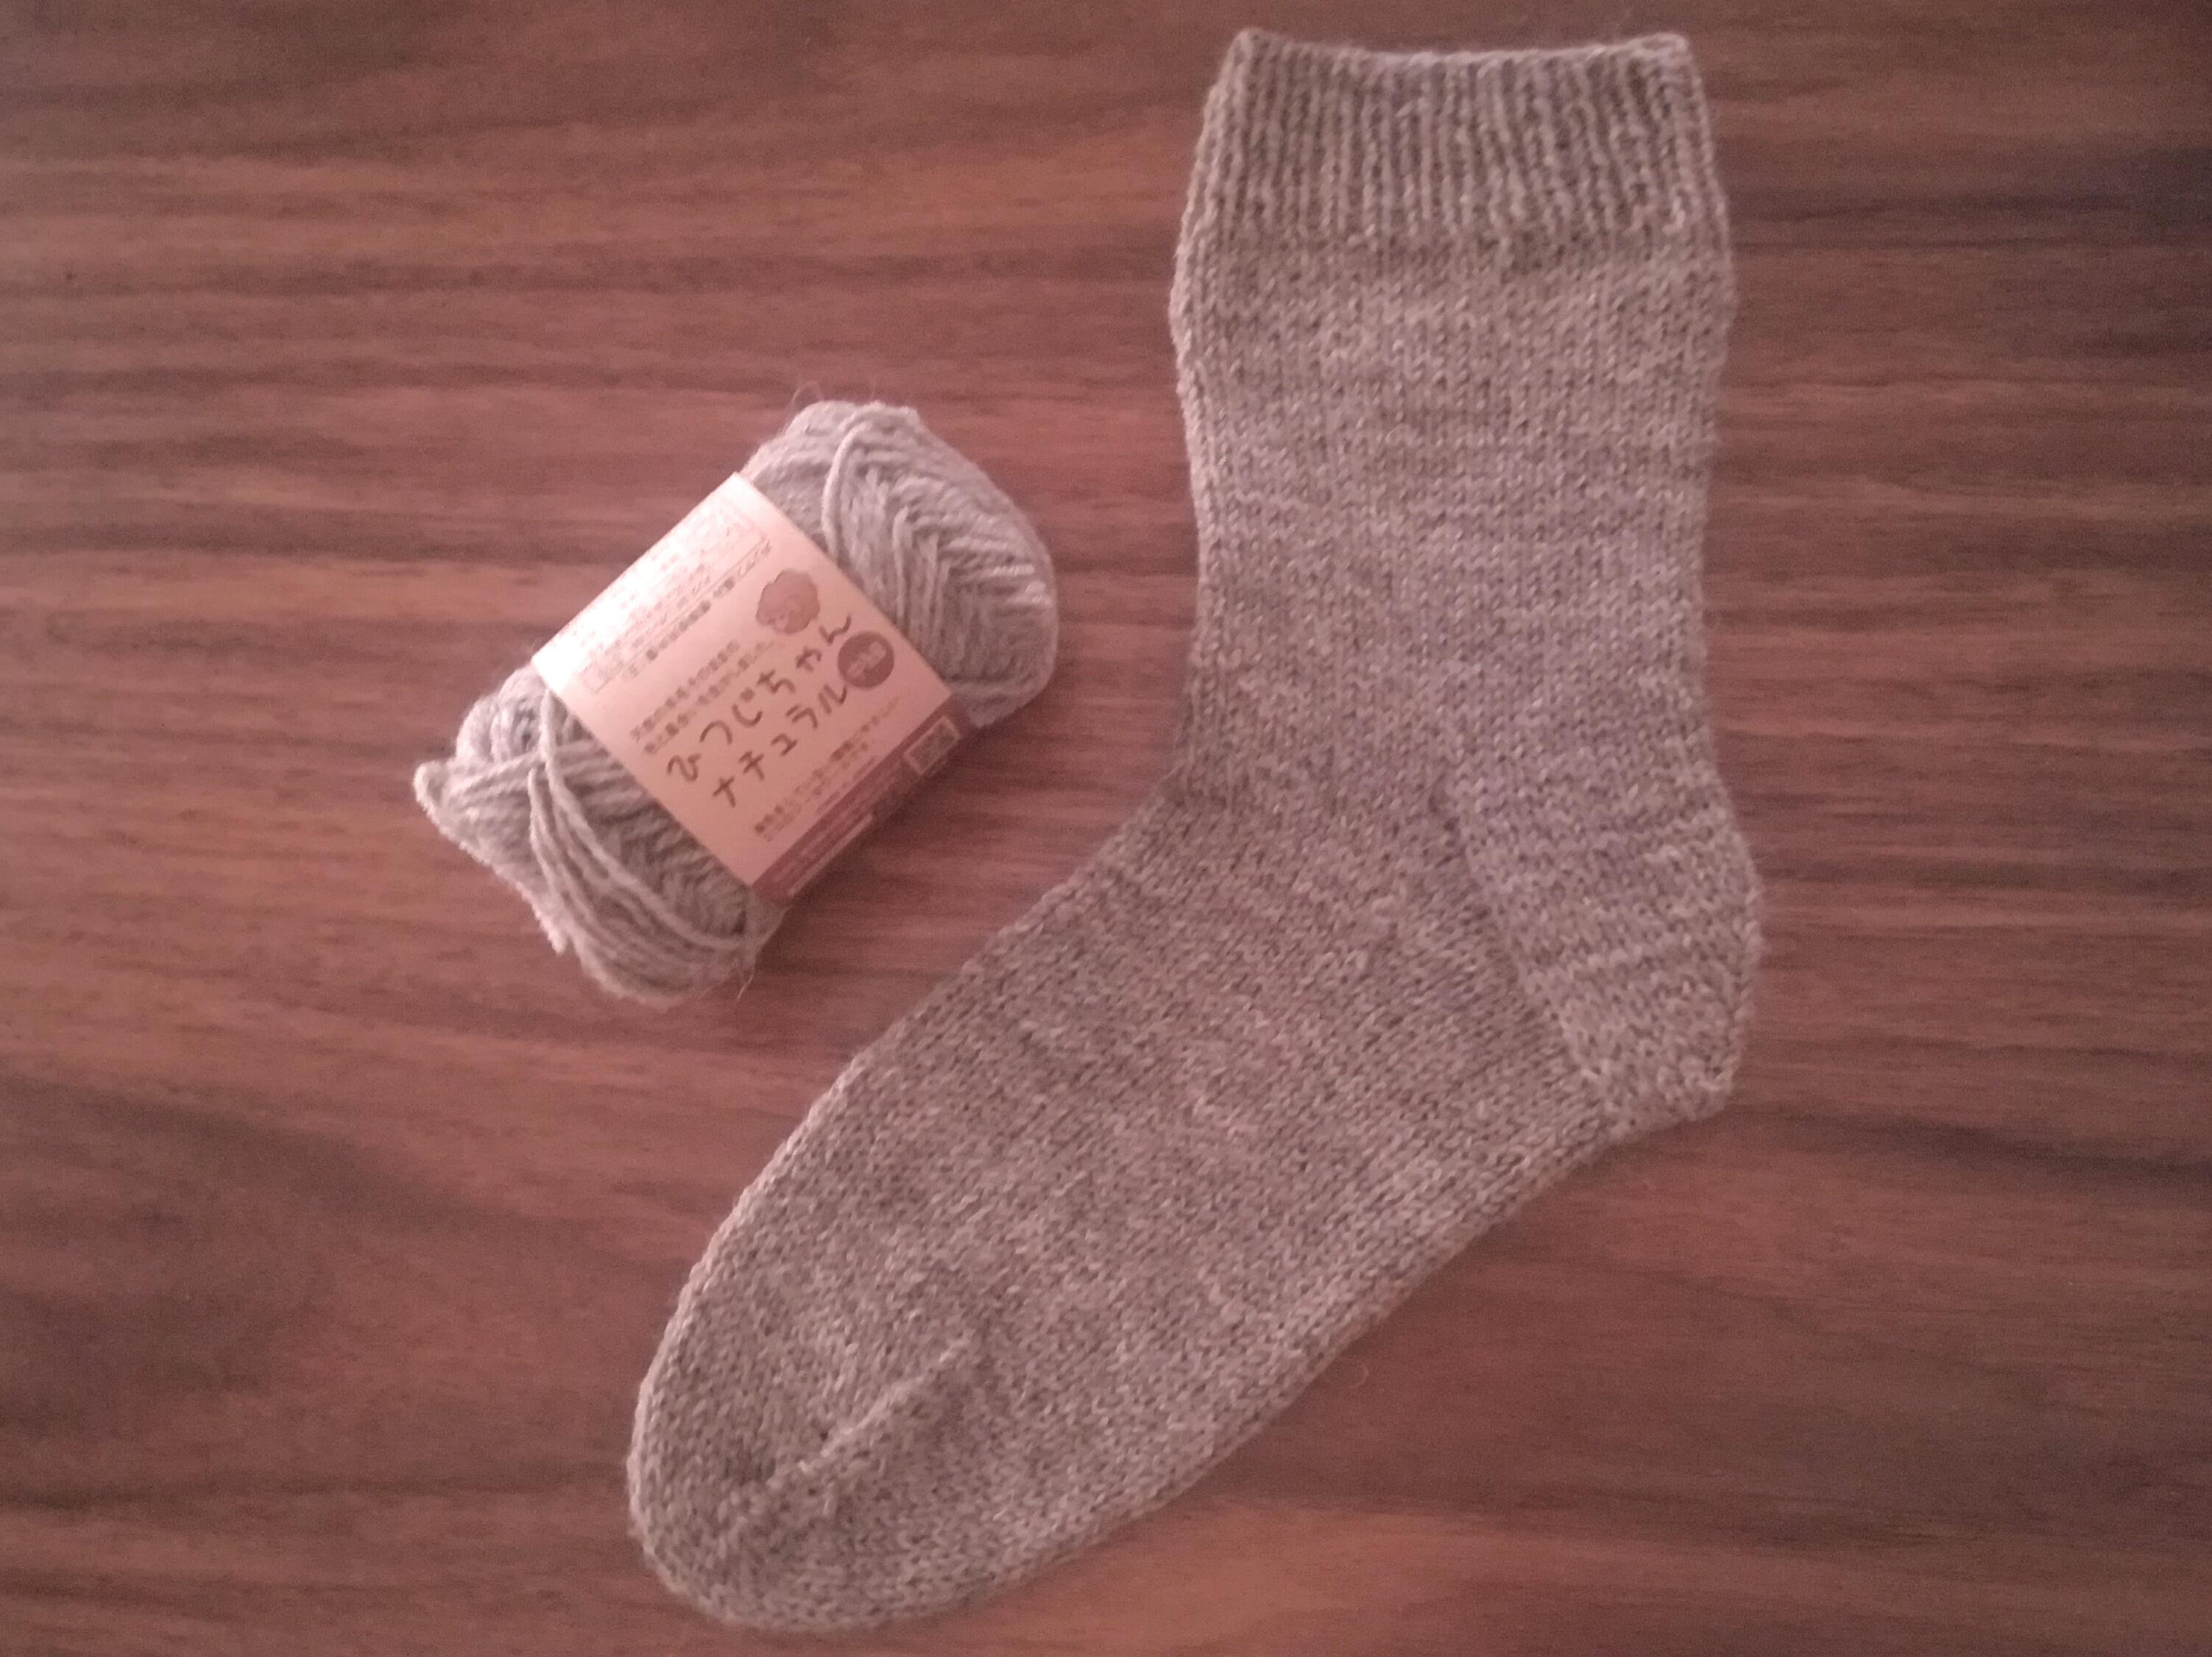 セリアの毛糸「ひつじちゃんナチュラル中細」で手編みの靴下(1足目)